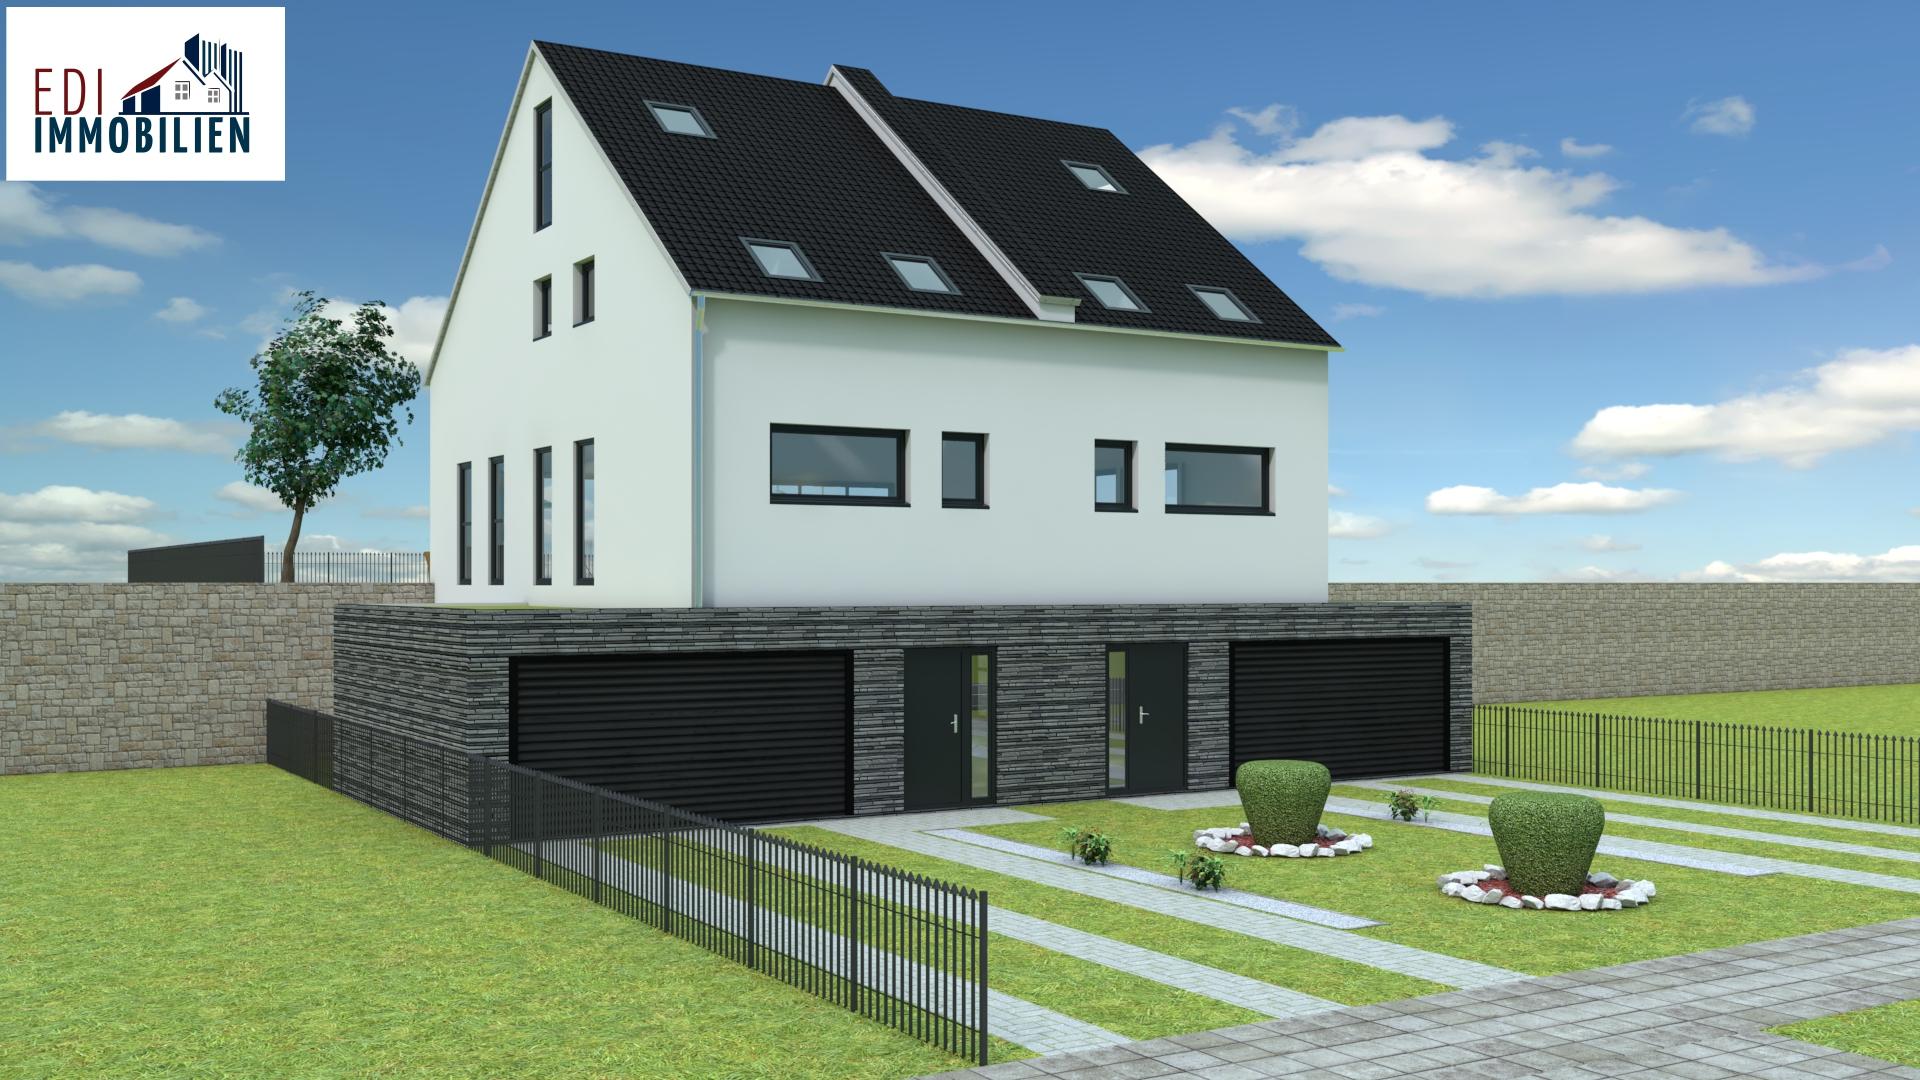 Doppelhaus Wellen EDI Immobilien trier